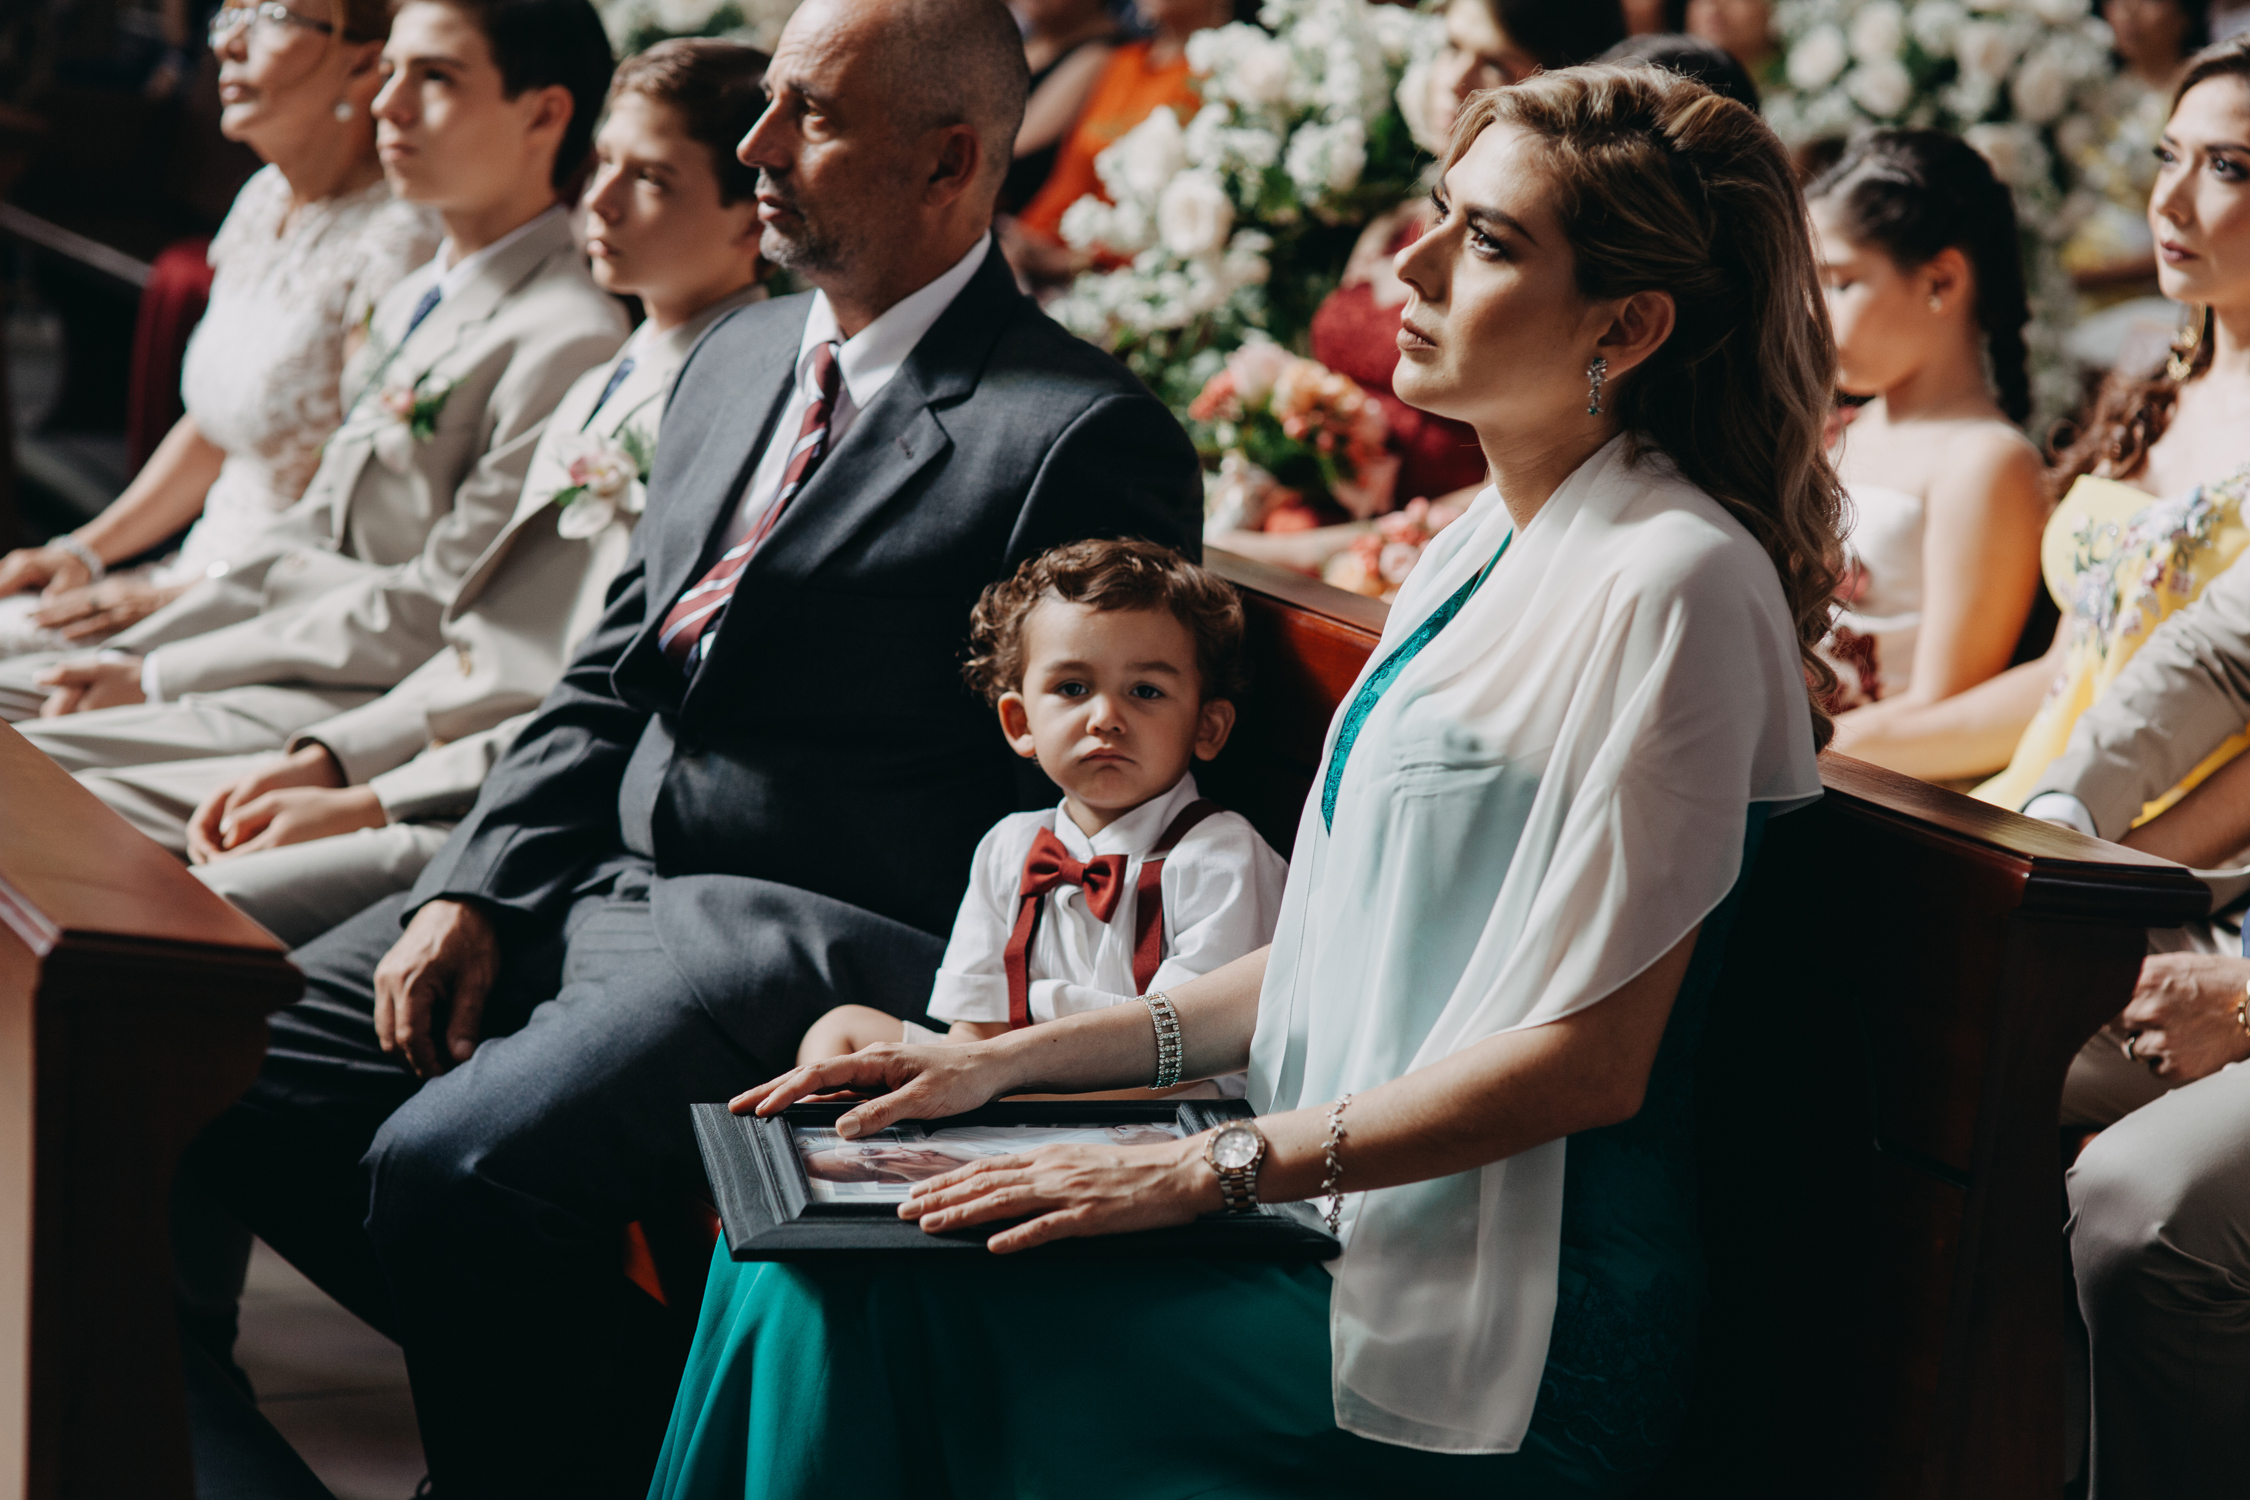 Michelle-Agurto-Fotografia-Bodas-Ecuador-Destination-Wedding-Photographer-Cristi-Luis-37.JPG